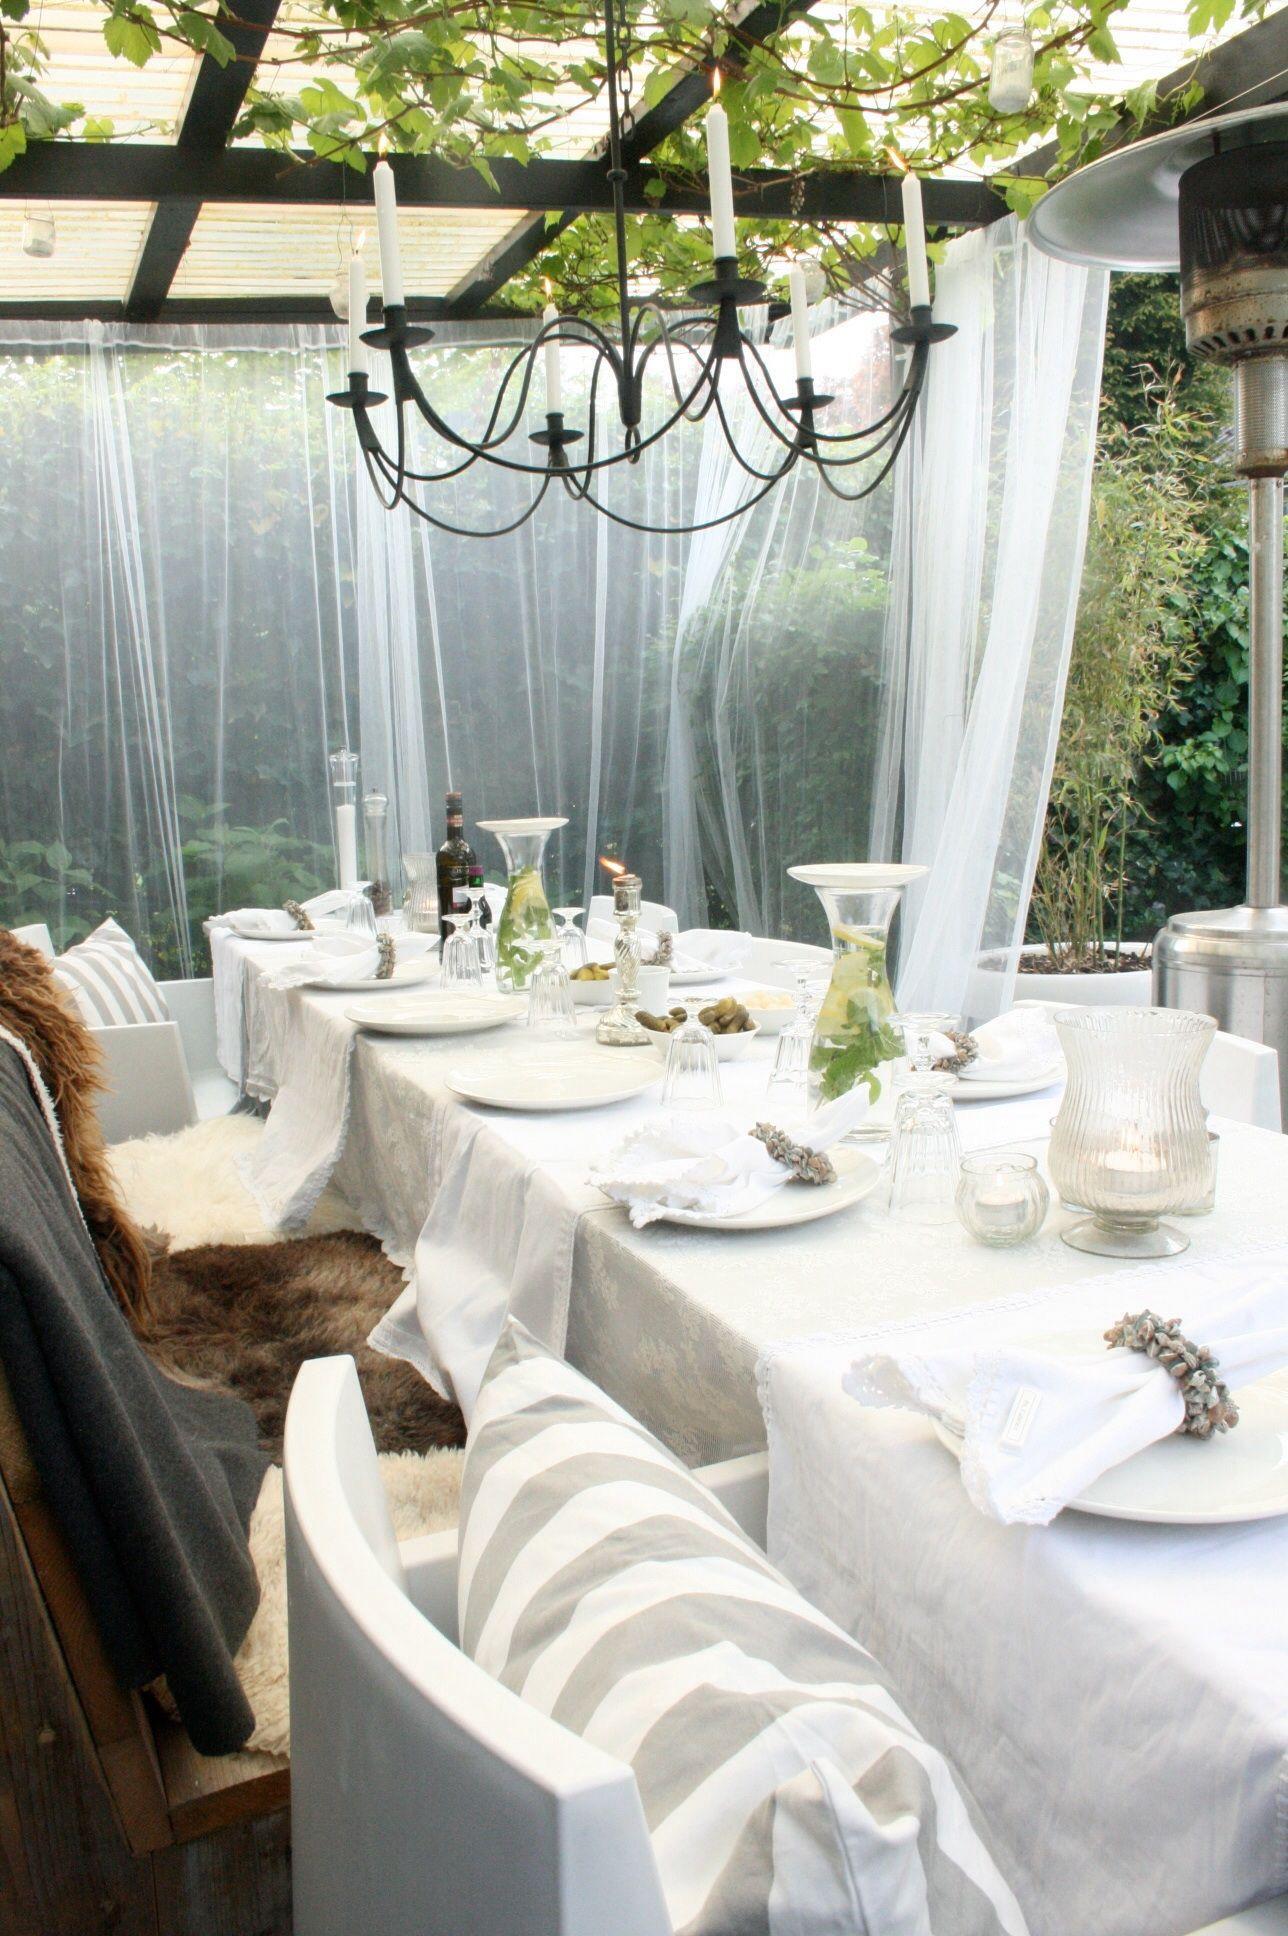 Buiten (kant en klaar) gordijnen vliegengaas ikea | Tuin | Pinterest